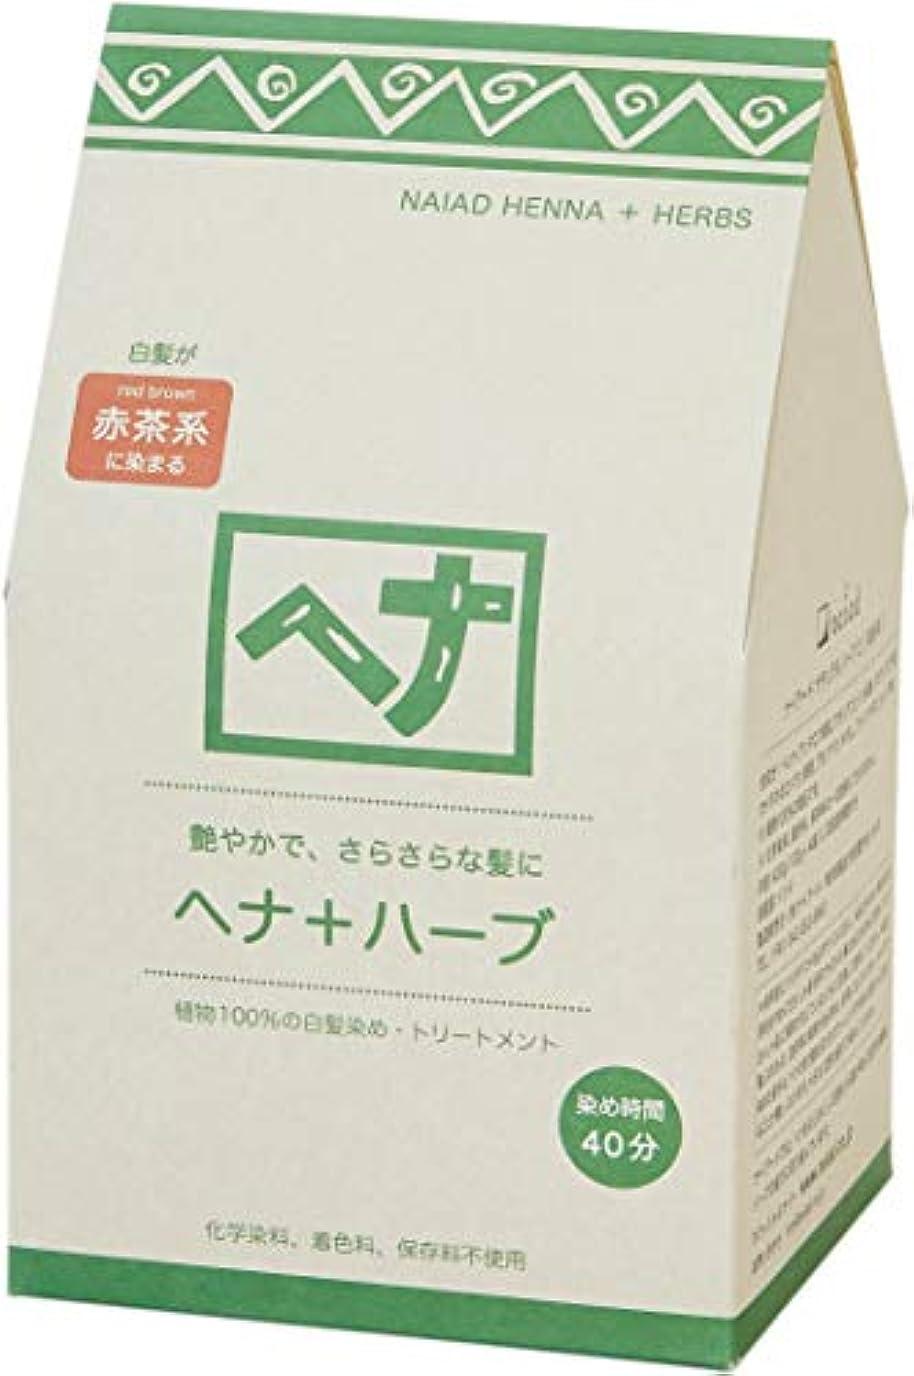 コーヒー定常コントラストNaiad(ナイアード) ヘナ+ハーブ 400g